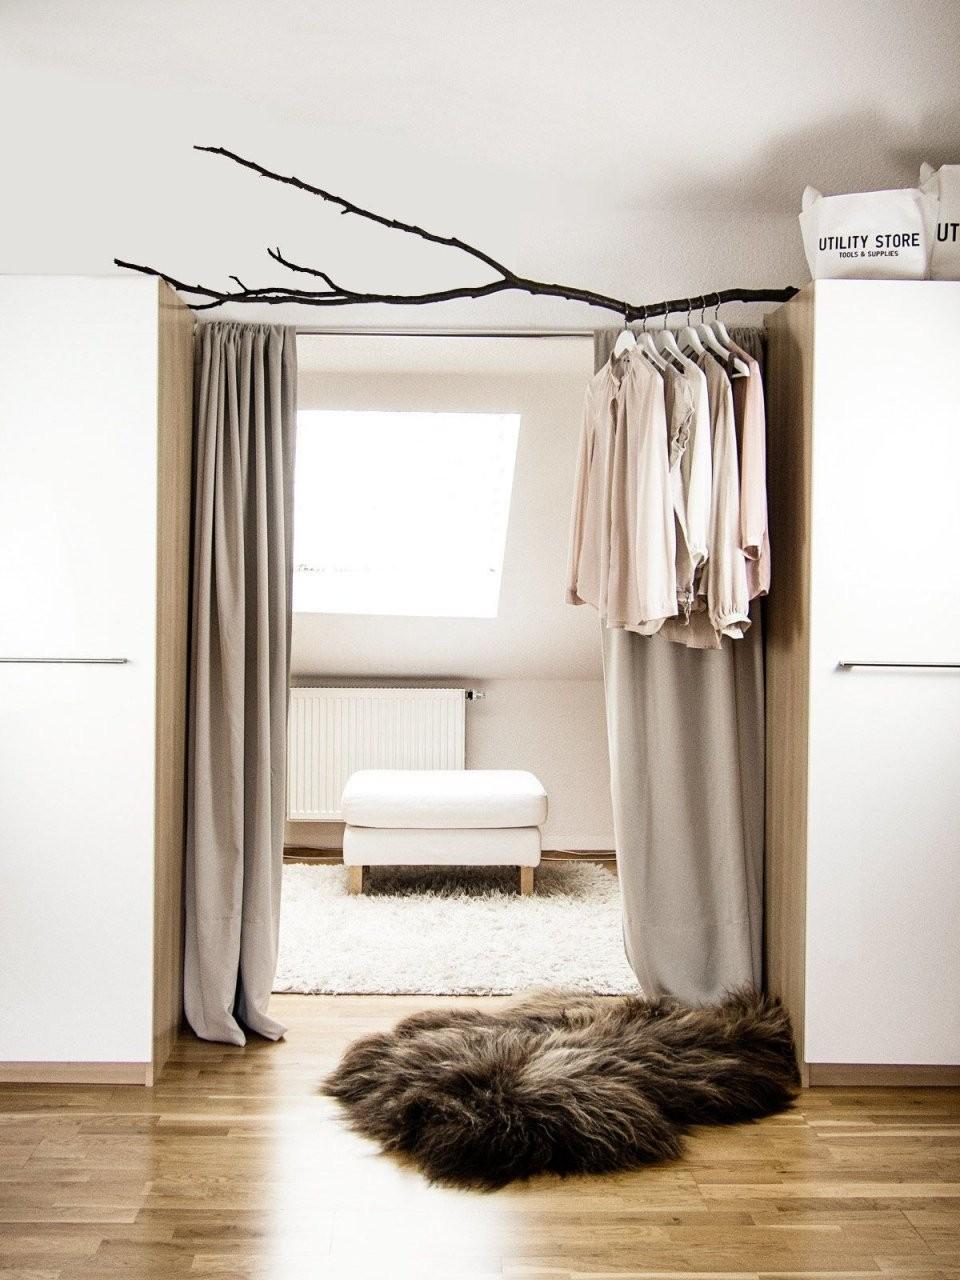 Garderoben Selber Bauen Die Besten Ideen Und Diytipps von Shabby Chic Selber Machen Garderobe Photo